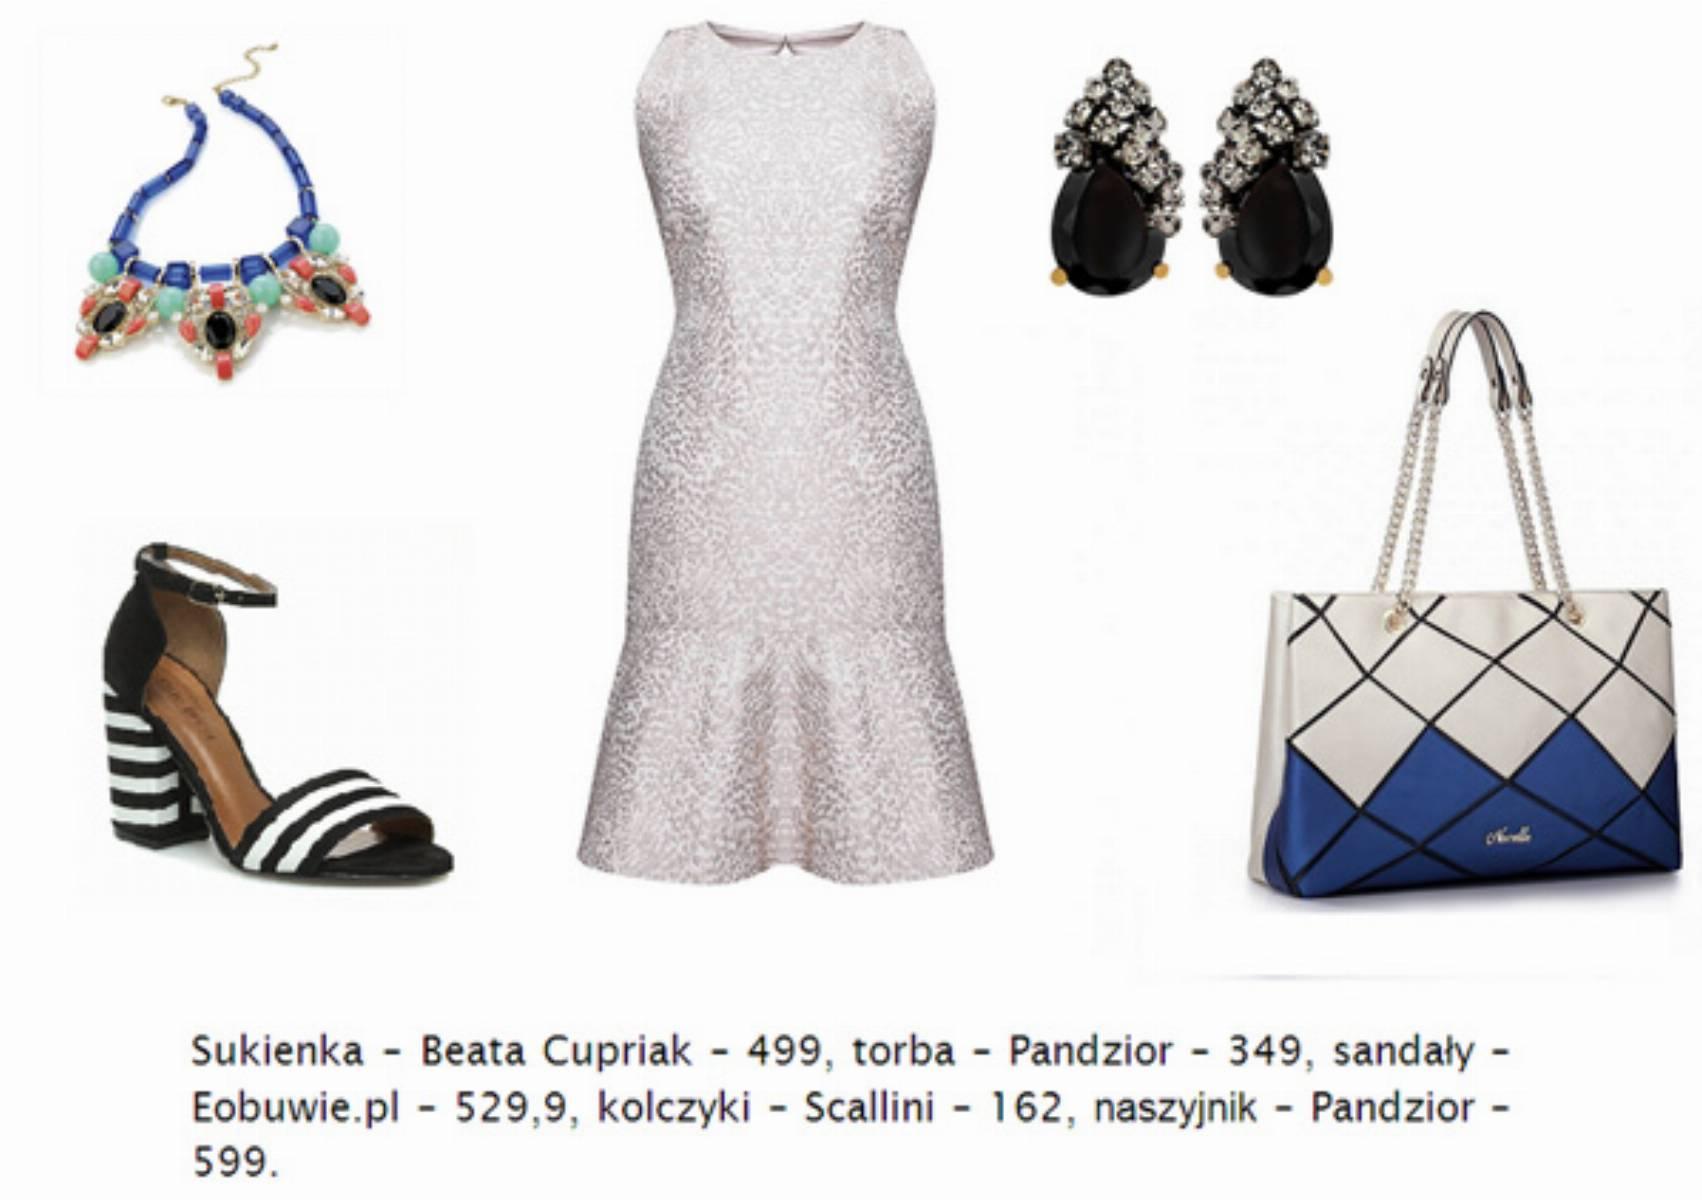 jak-nosic-sukienke-we-wzory--sukienka-blyszczaca